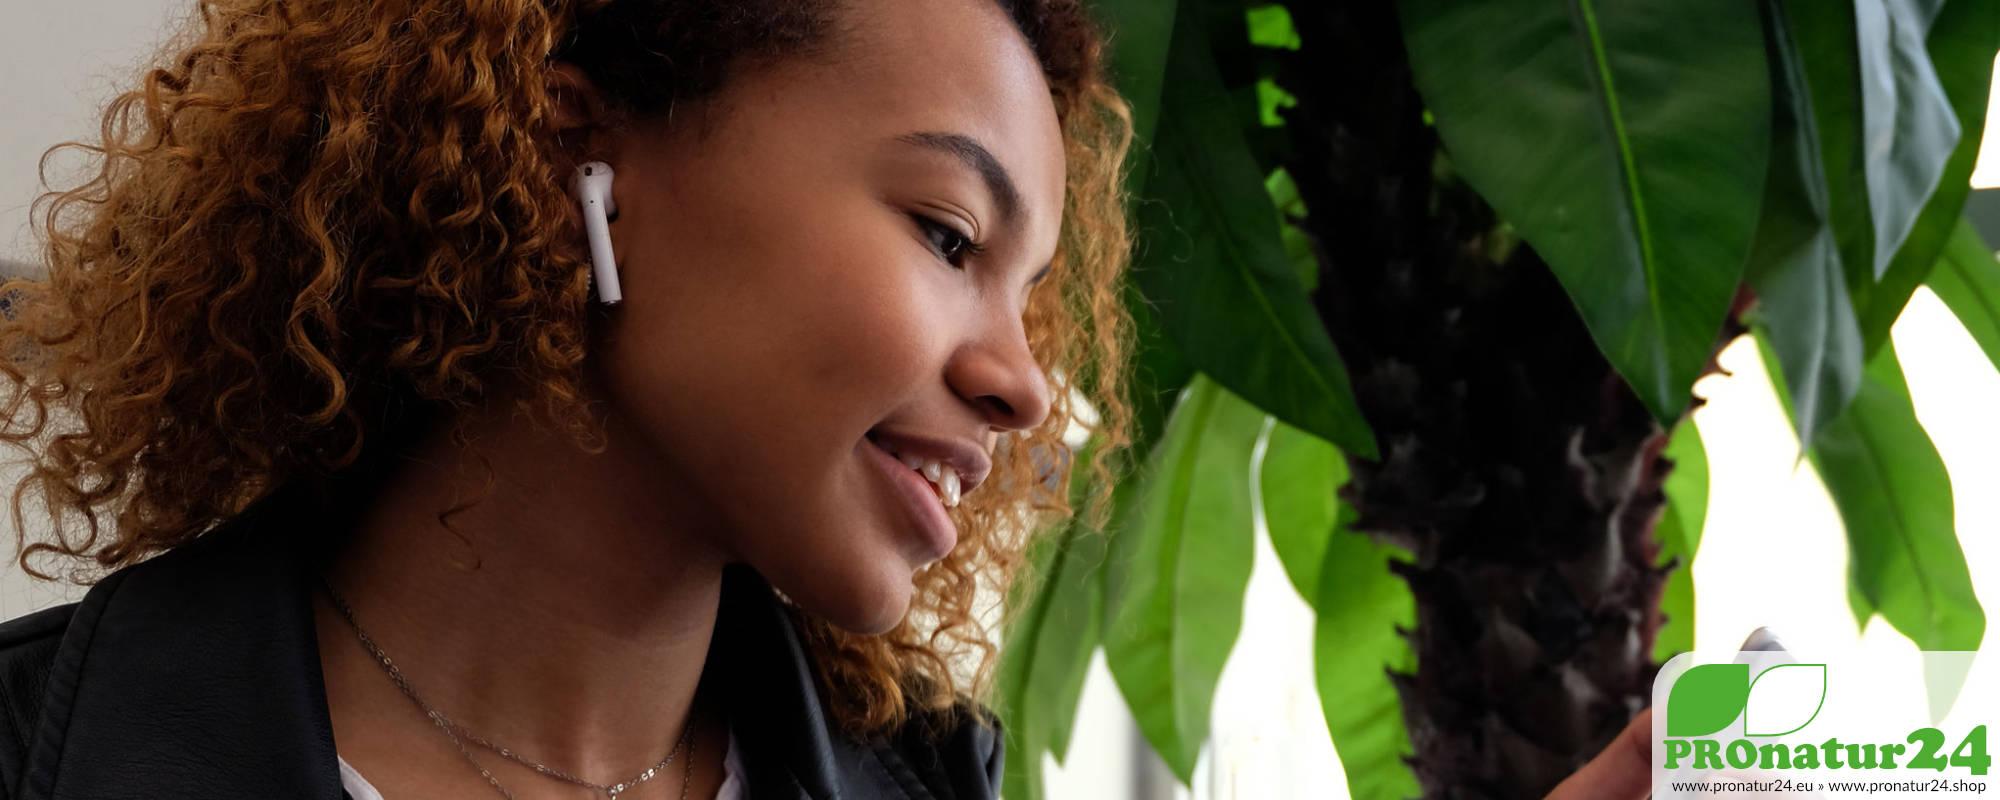 Apple Airpods im EMF Strahlungs Check.. Die Vorteile und Nachteile der stylischen Bluetooth Kopfhörer im Test.